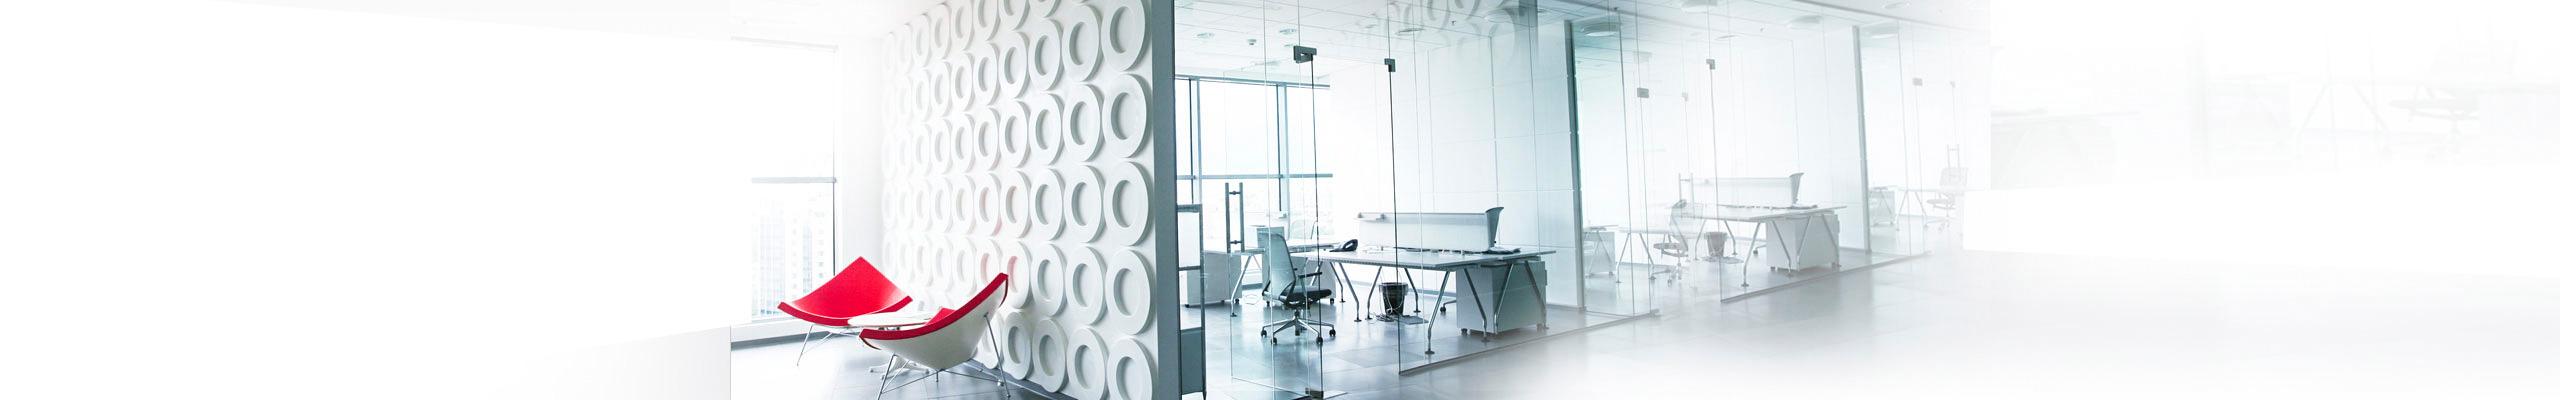 Unternehmensberatung Mumme & Partner | Vertriebscoaching & Vertriebstraining in Deutschland